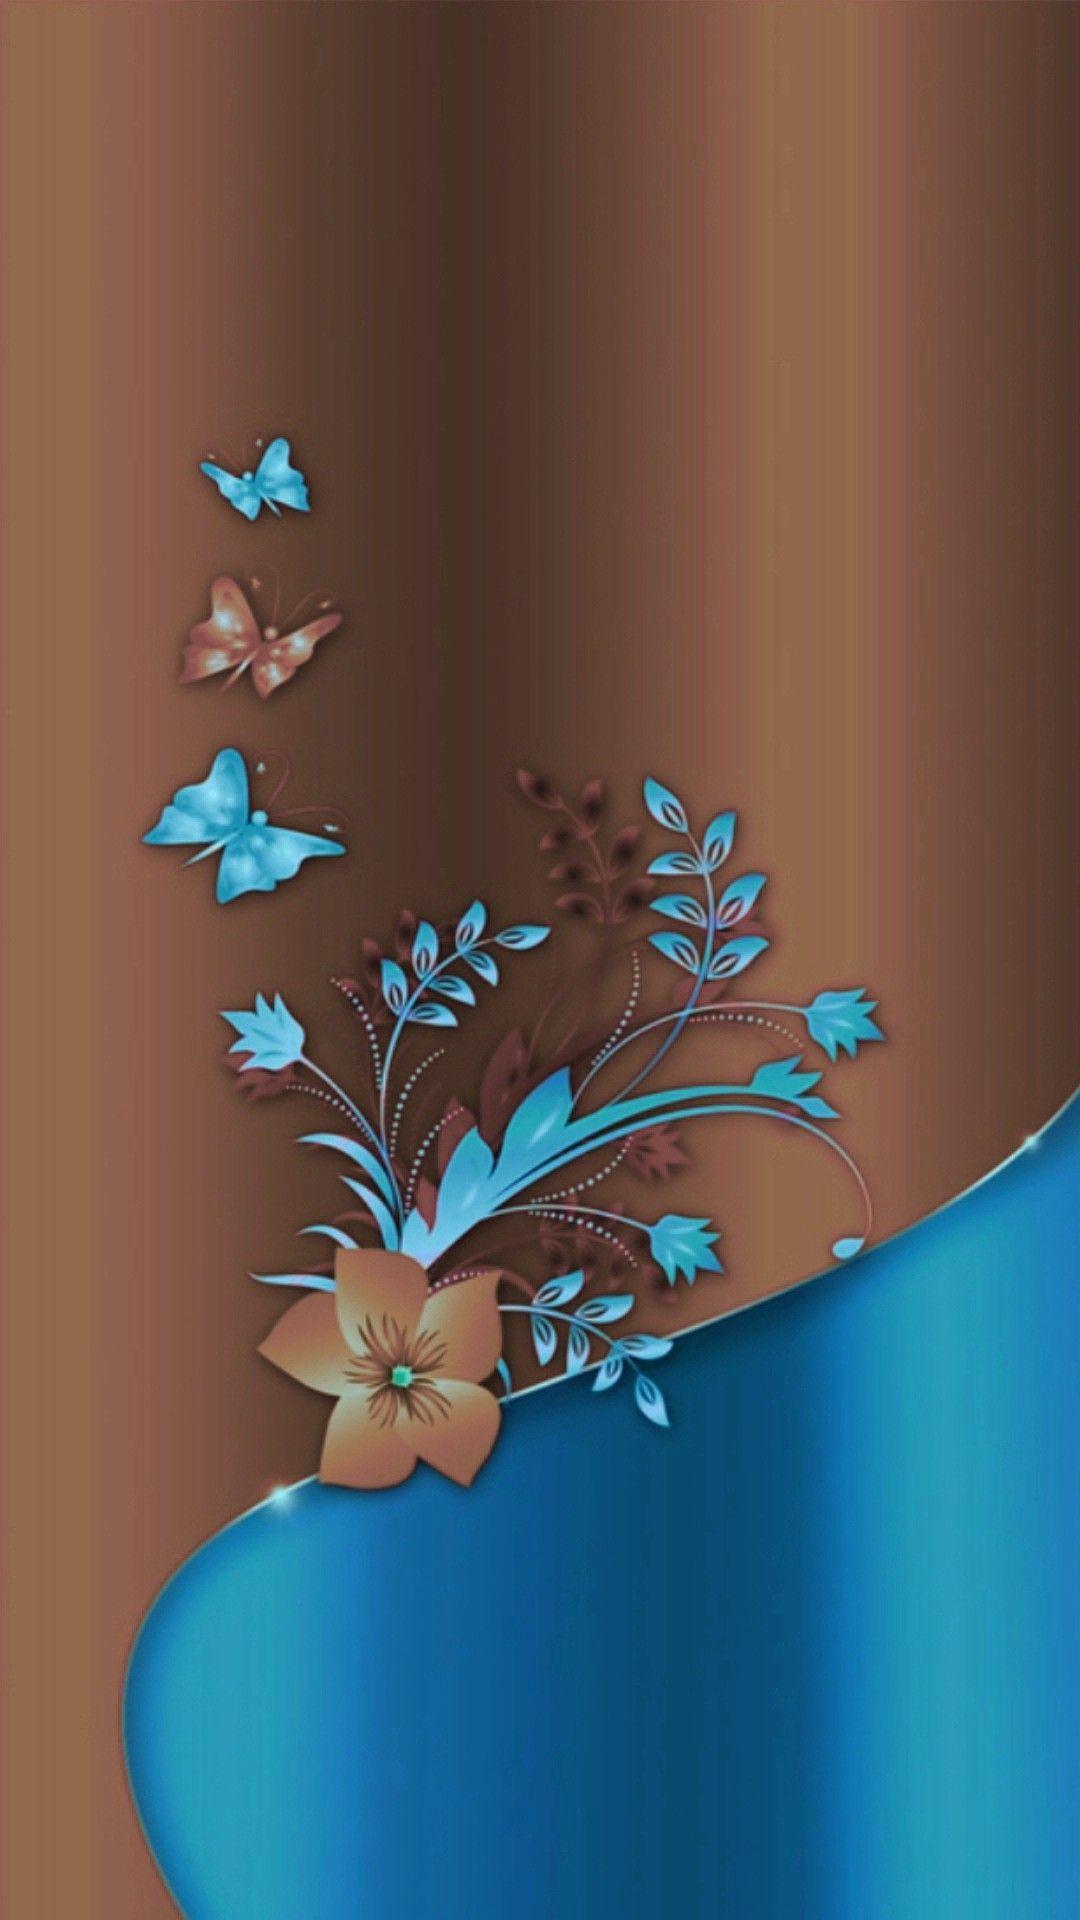 Blue Butterfly...🦋 | Cellphone wallpaper, Flower wallpaper ...